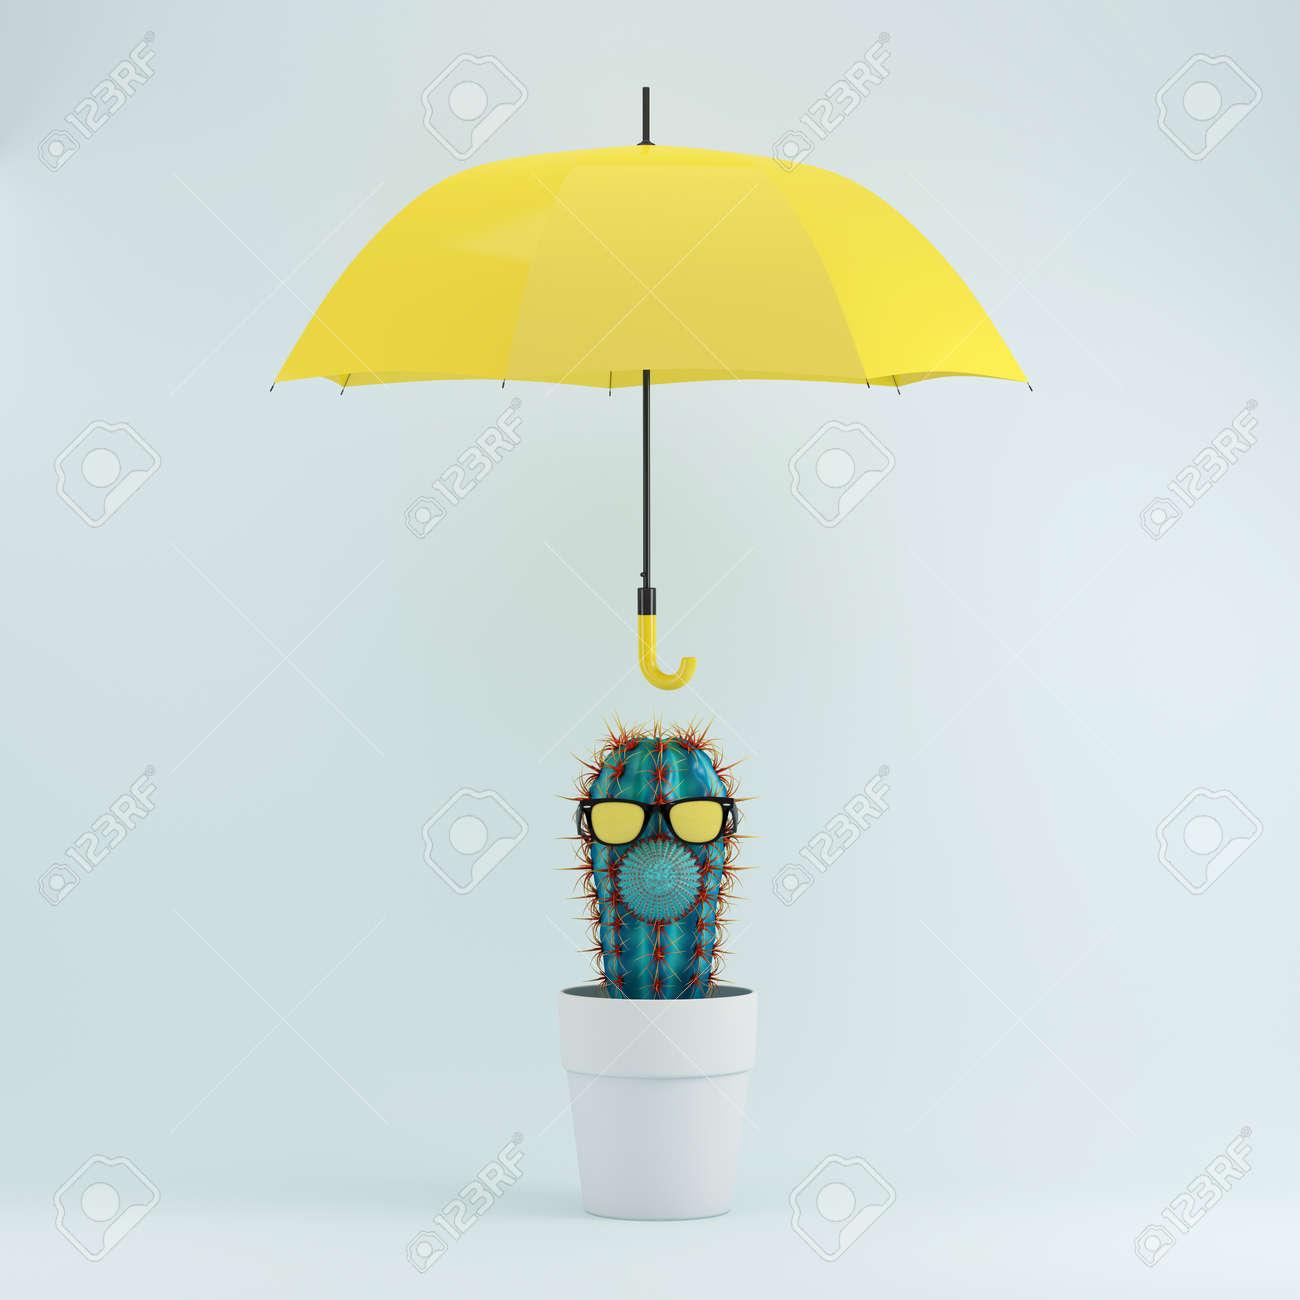 Venta de liquidación el más nuevo baratas para la venta Cactus en la maceta blanca con el paraguas amarillo en el fondo en colores  pastel azul, idea mínima del concepto.